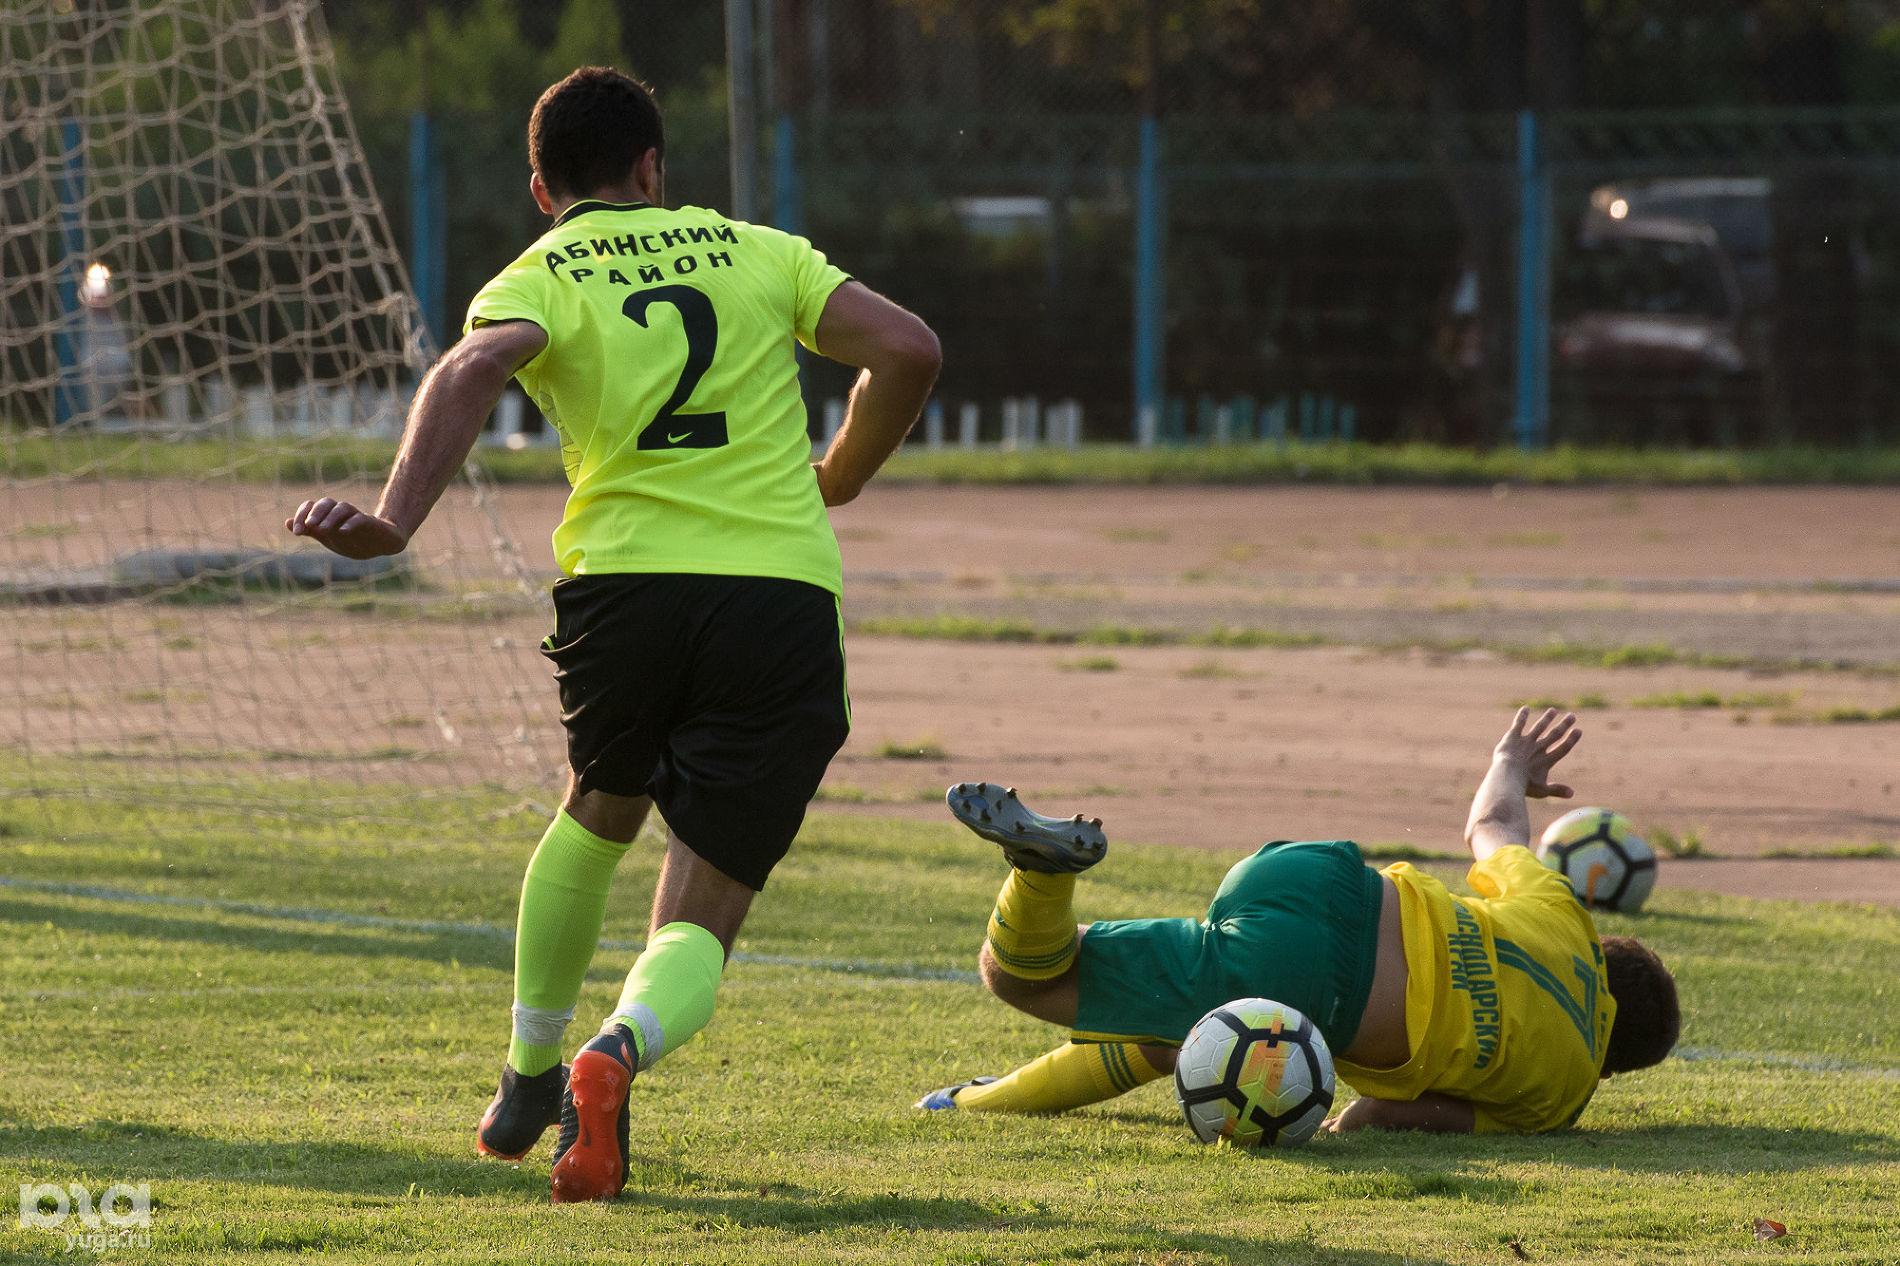 Матч между «Кубанью» и «Абинском» ©Фото Елены Синеок, Юга.ру